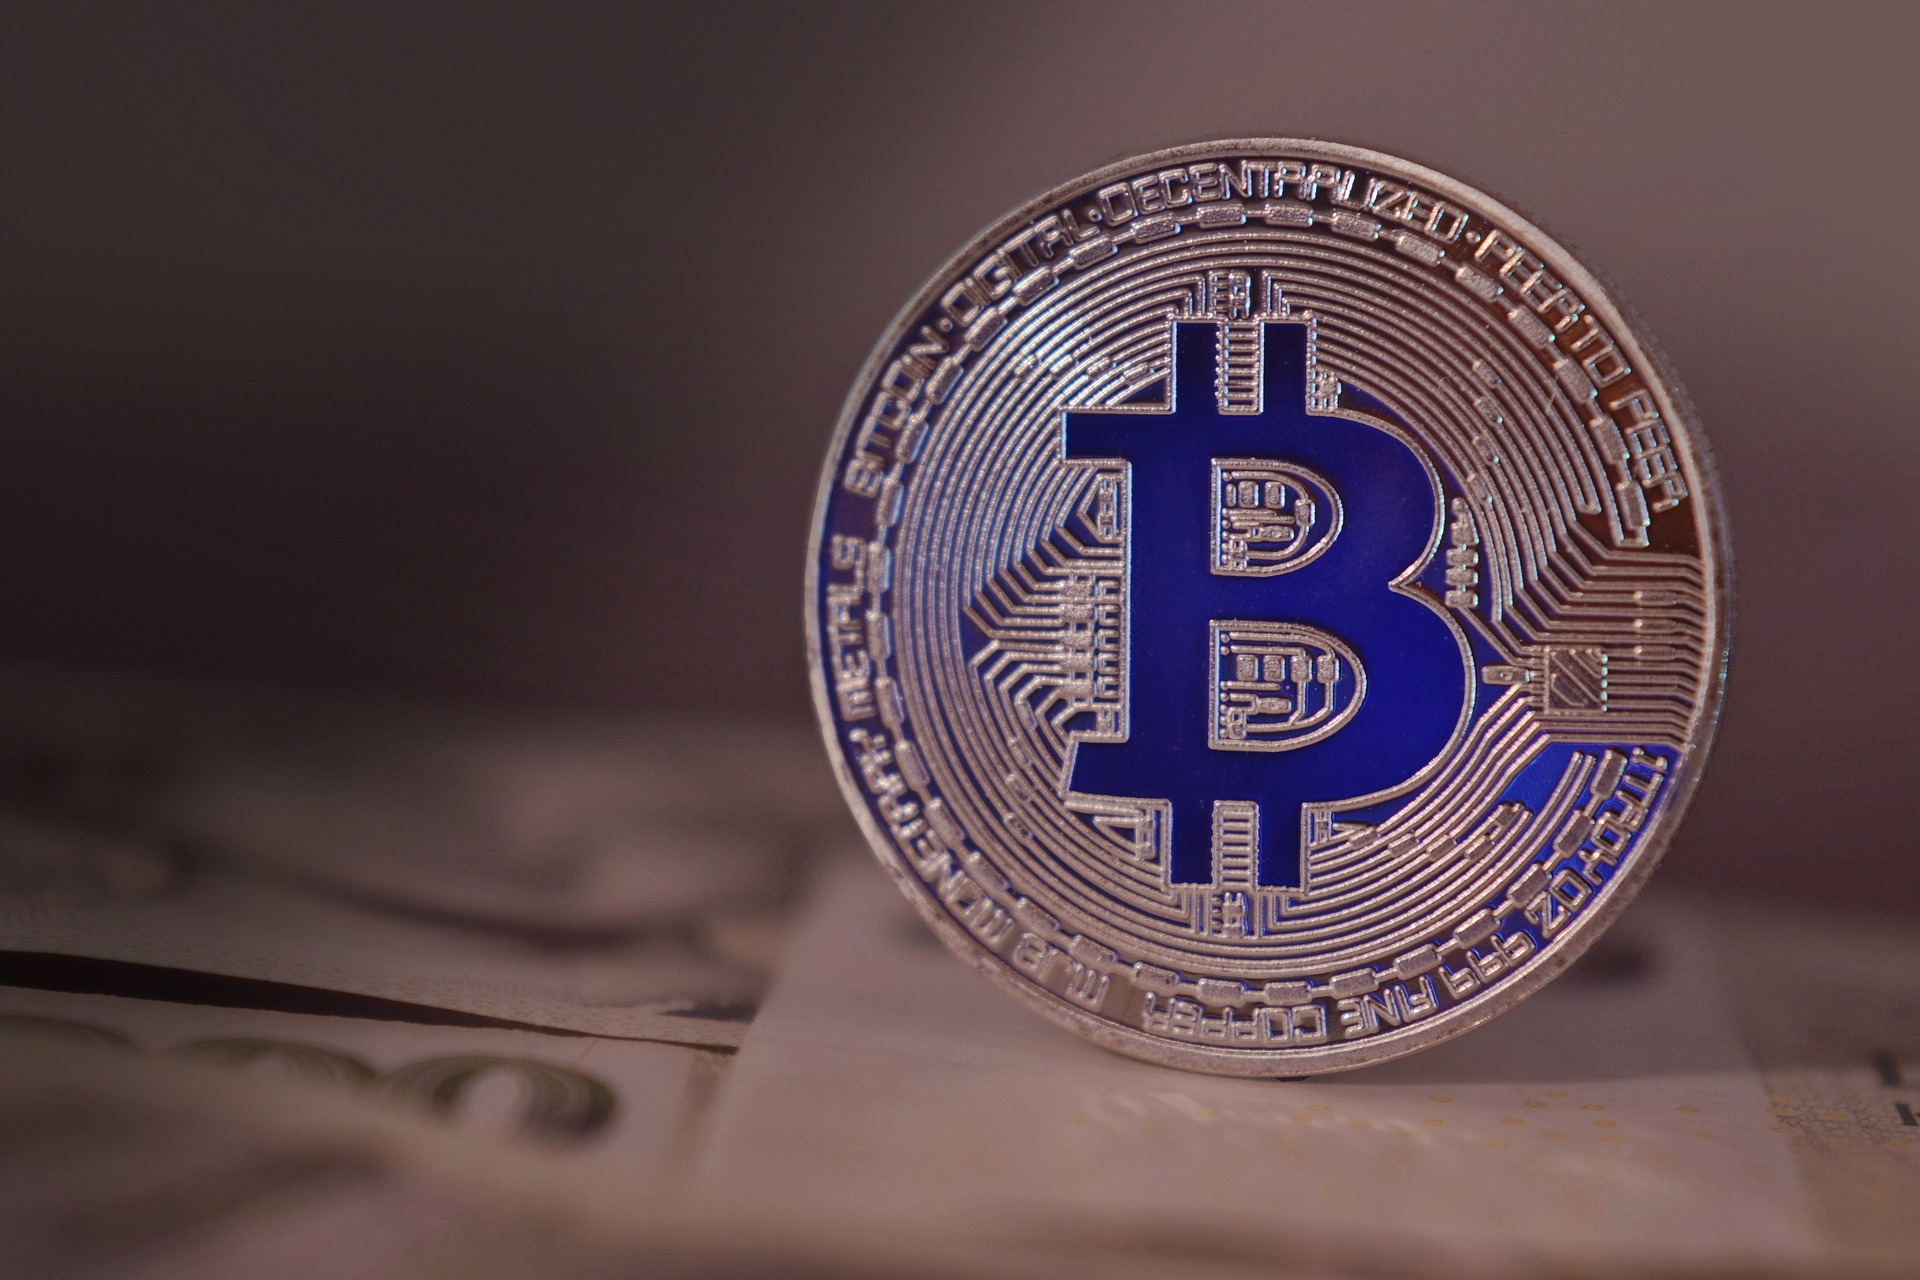 ビットコインがたった5分でわかる2つの特徴【仮想通貨の仕組み】